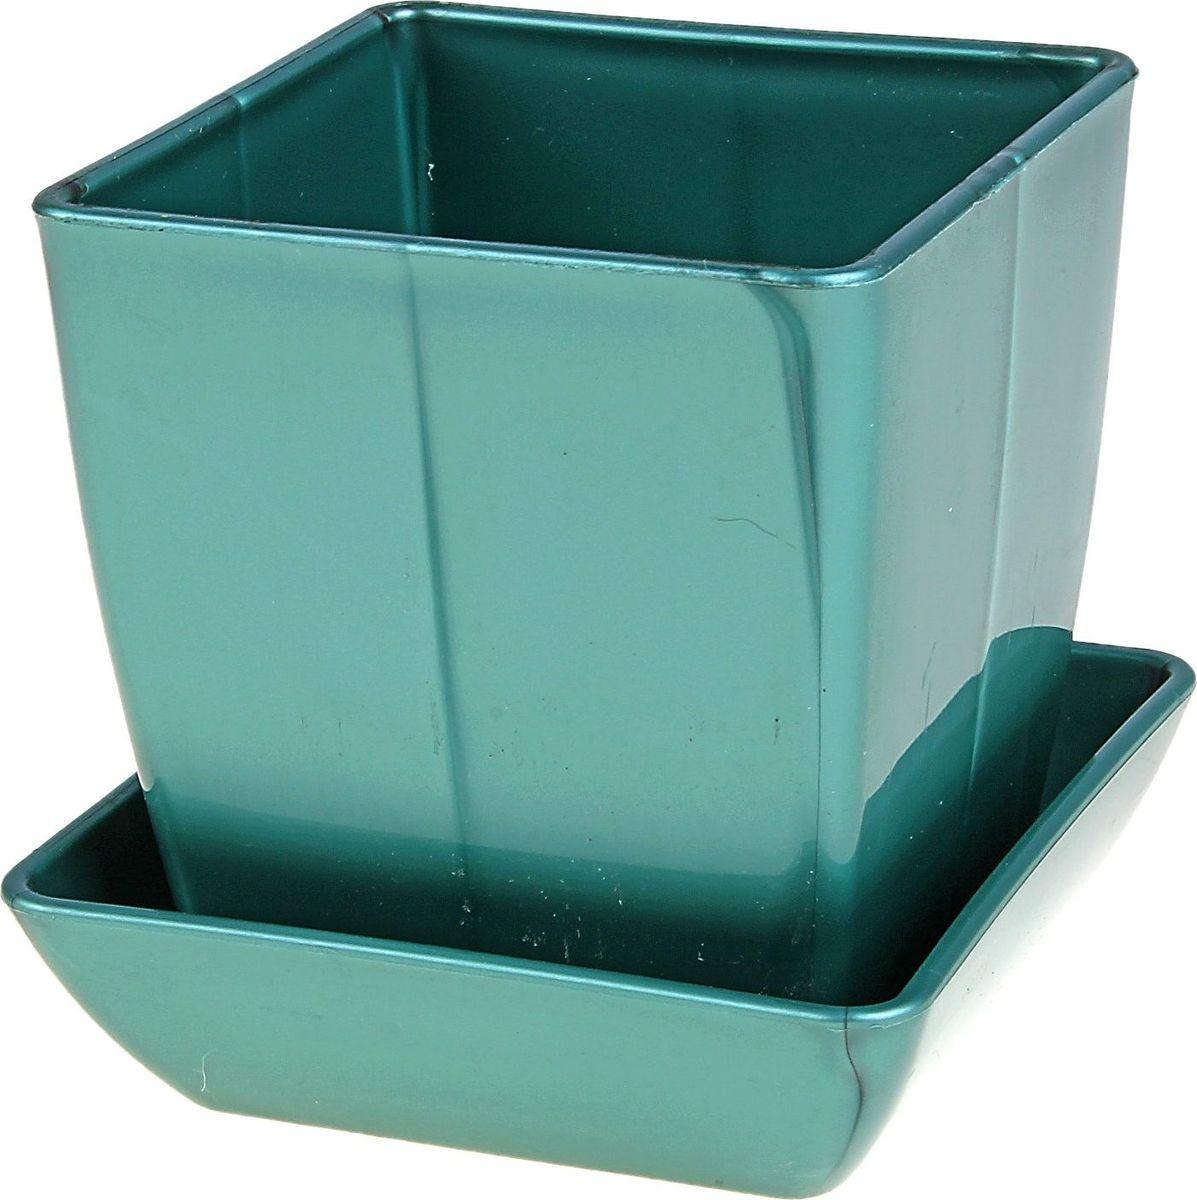 Горшок для цветов Мегапласт Квадрат, с поддоном, цвет: бирюзовый перламутр, 0,3 л624945Любой, даже самый современный и продуманный интерьер будет не завершенным без растений. Они не только очищают воздух и насыщают его кислородом, но и заметно украшают окружающее пространство. Такому полезному члену семьи просто необходимо красивое и функциональное кашпо, оригинальный горшок или необычная ваза! Мы предлагаем - Горшок для цветов с поддоном 7,5х7,5 см Квадрат 300 мл, цвет перламутр, рубин! Оптимальный выбор материала - это пластмасса! Почему мы так считаем? Малый вес. С легкостью переносите горшки и кашпо с места на место, ставьте их на столики или полки, подвешивайте под потолок, не беспокоясь о нагрузке. Простота ухода. Пластиковые изделия не нуждаются в специальных условиях хранения. Их легко чистить достаточно просто сполоснуть теплой водой. Никаких царапин. Пластиковые кашпо не царапают и не загрязняют поверхности, на которых стоят. Пластик дольше хранит влагу, а значит растение реже нуждается в поливе. Пластмасса не пропускает воздух корневой системе растения не грозят резкие перепады температур. Огромный выбор форм, декора и расцветок вы без труда подберете что-то, что идеально впишется в уже существующий интерьер. Соблюдая нехитрые правила ухода, вы можете заметно продлить срок службы горшков, вазонов и кашпо из пластика: всегда учитывайте размер кроны и корневой системы растения (при разрастании большое растение способно повредить маленький горшок) берегите изделие от воздействия прямых солнечных лучей, чтобы кашпо и горшки не выцветали держите кашпо и горшки из пластика подальше от нагревающихся поверхностей. Создавайте прекрасные цветочные композиции, выращивайте рассаду или необычные растения, а низкие цены позволят вам не ограничивать себя в выборе.